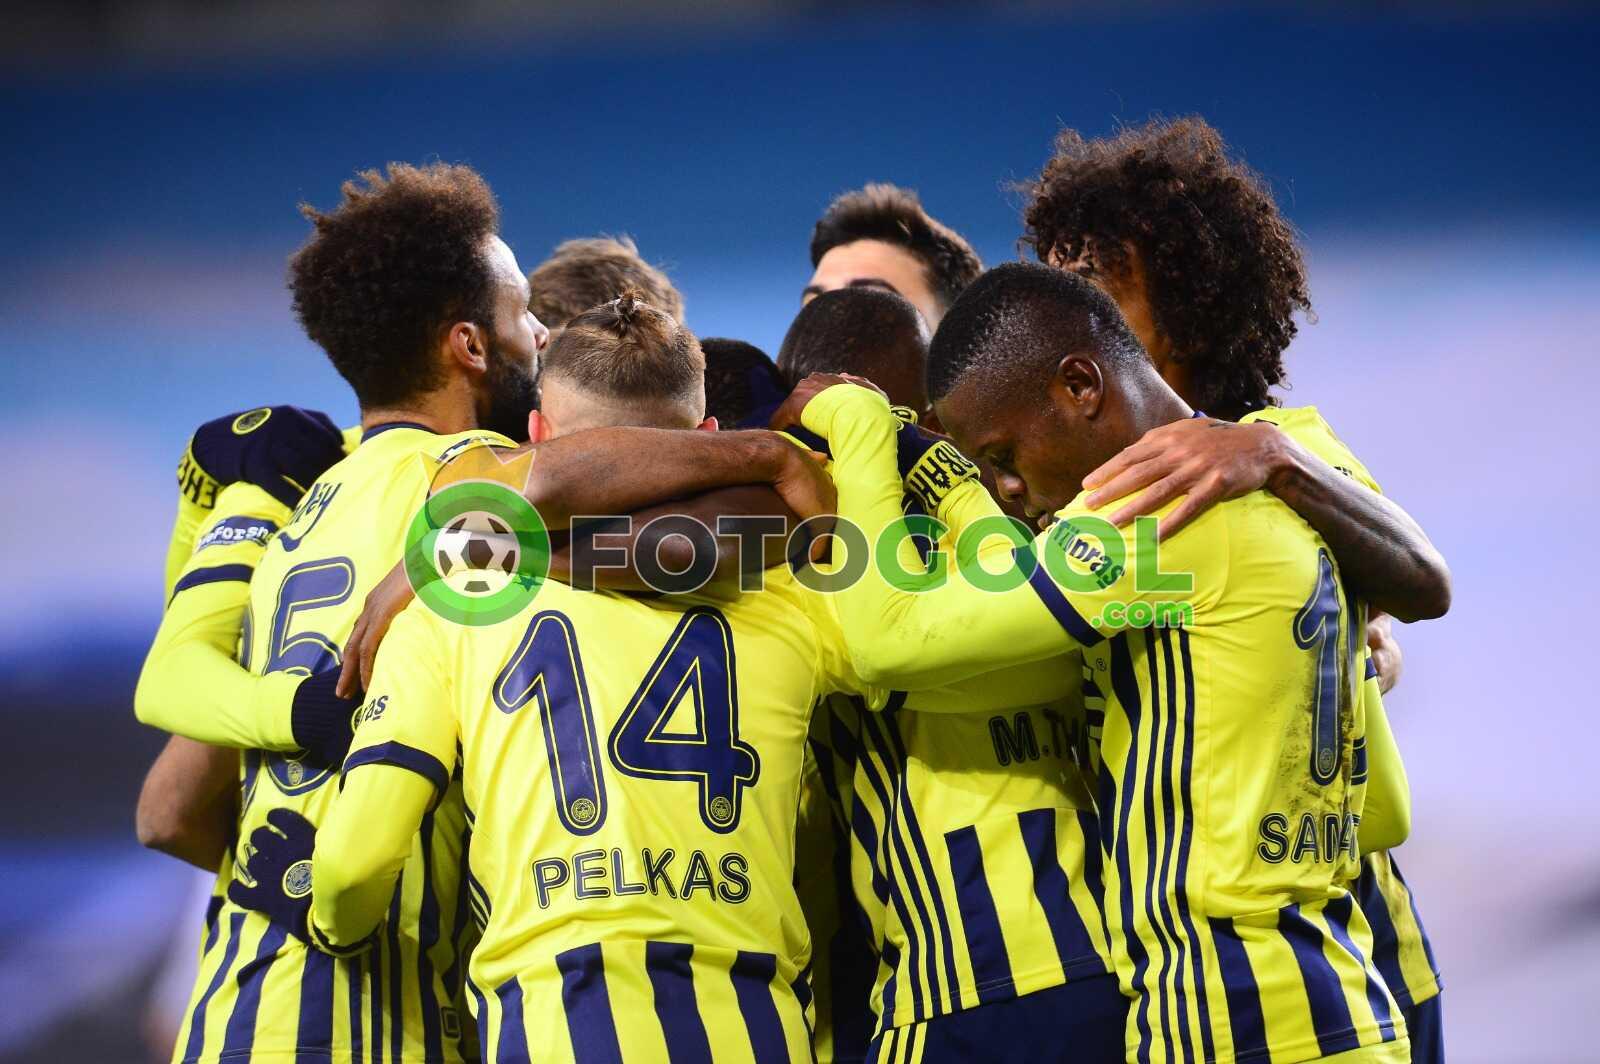 Fenerbahçe Seriye devam etti 3-1